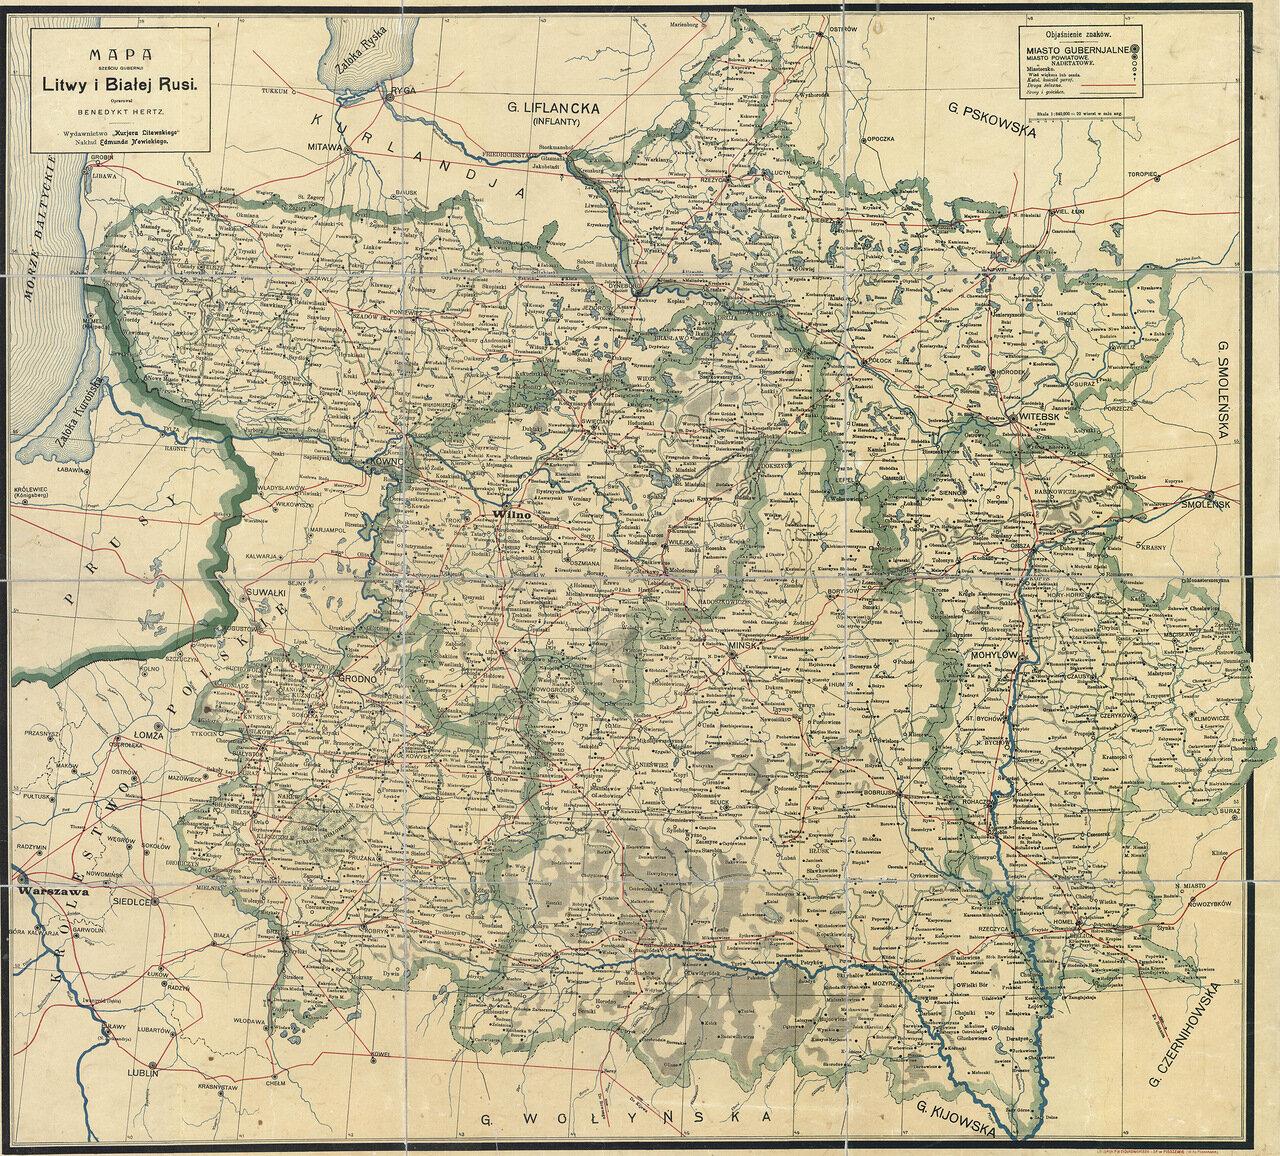 Карта Литвы и Беларуси 19 век